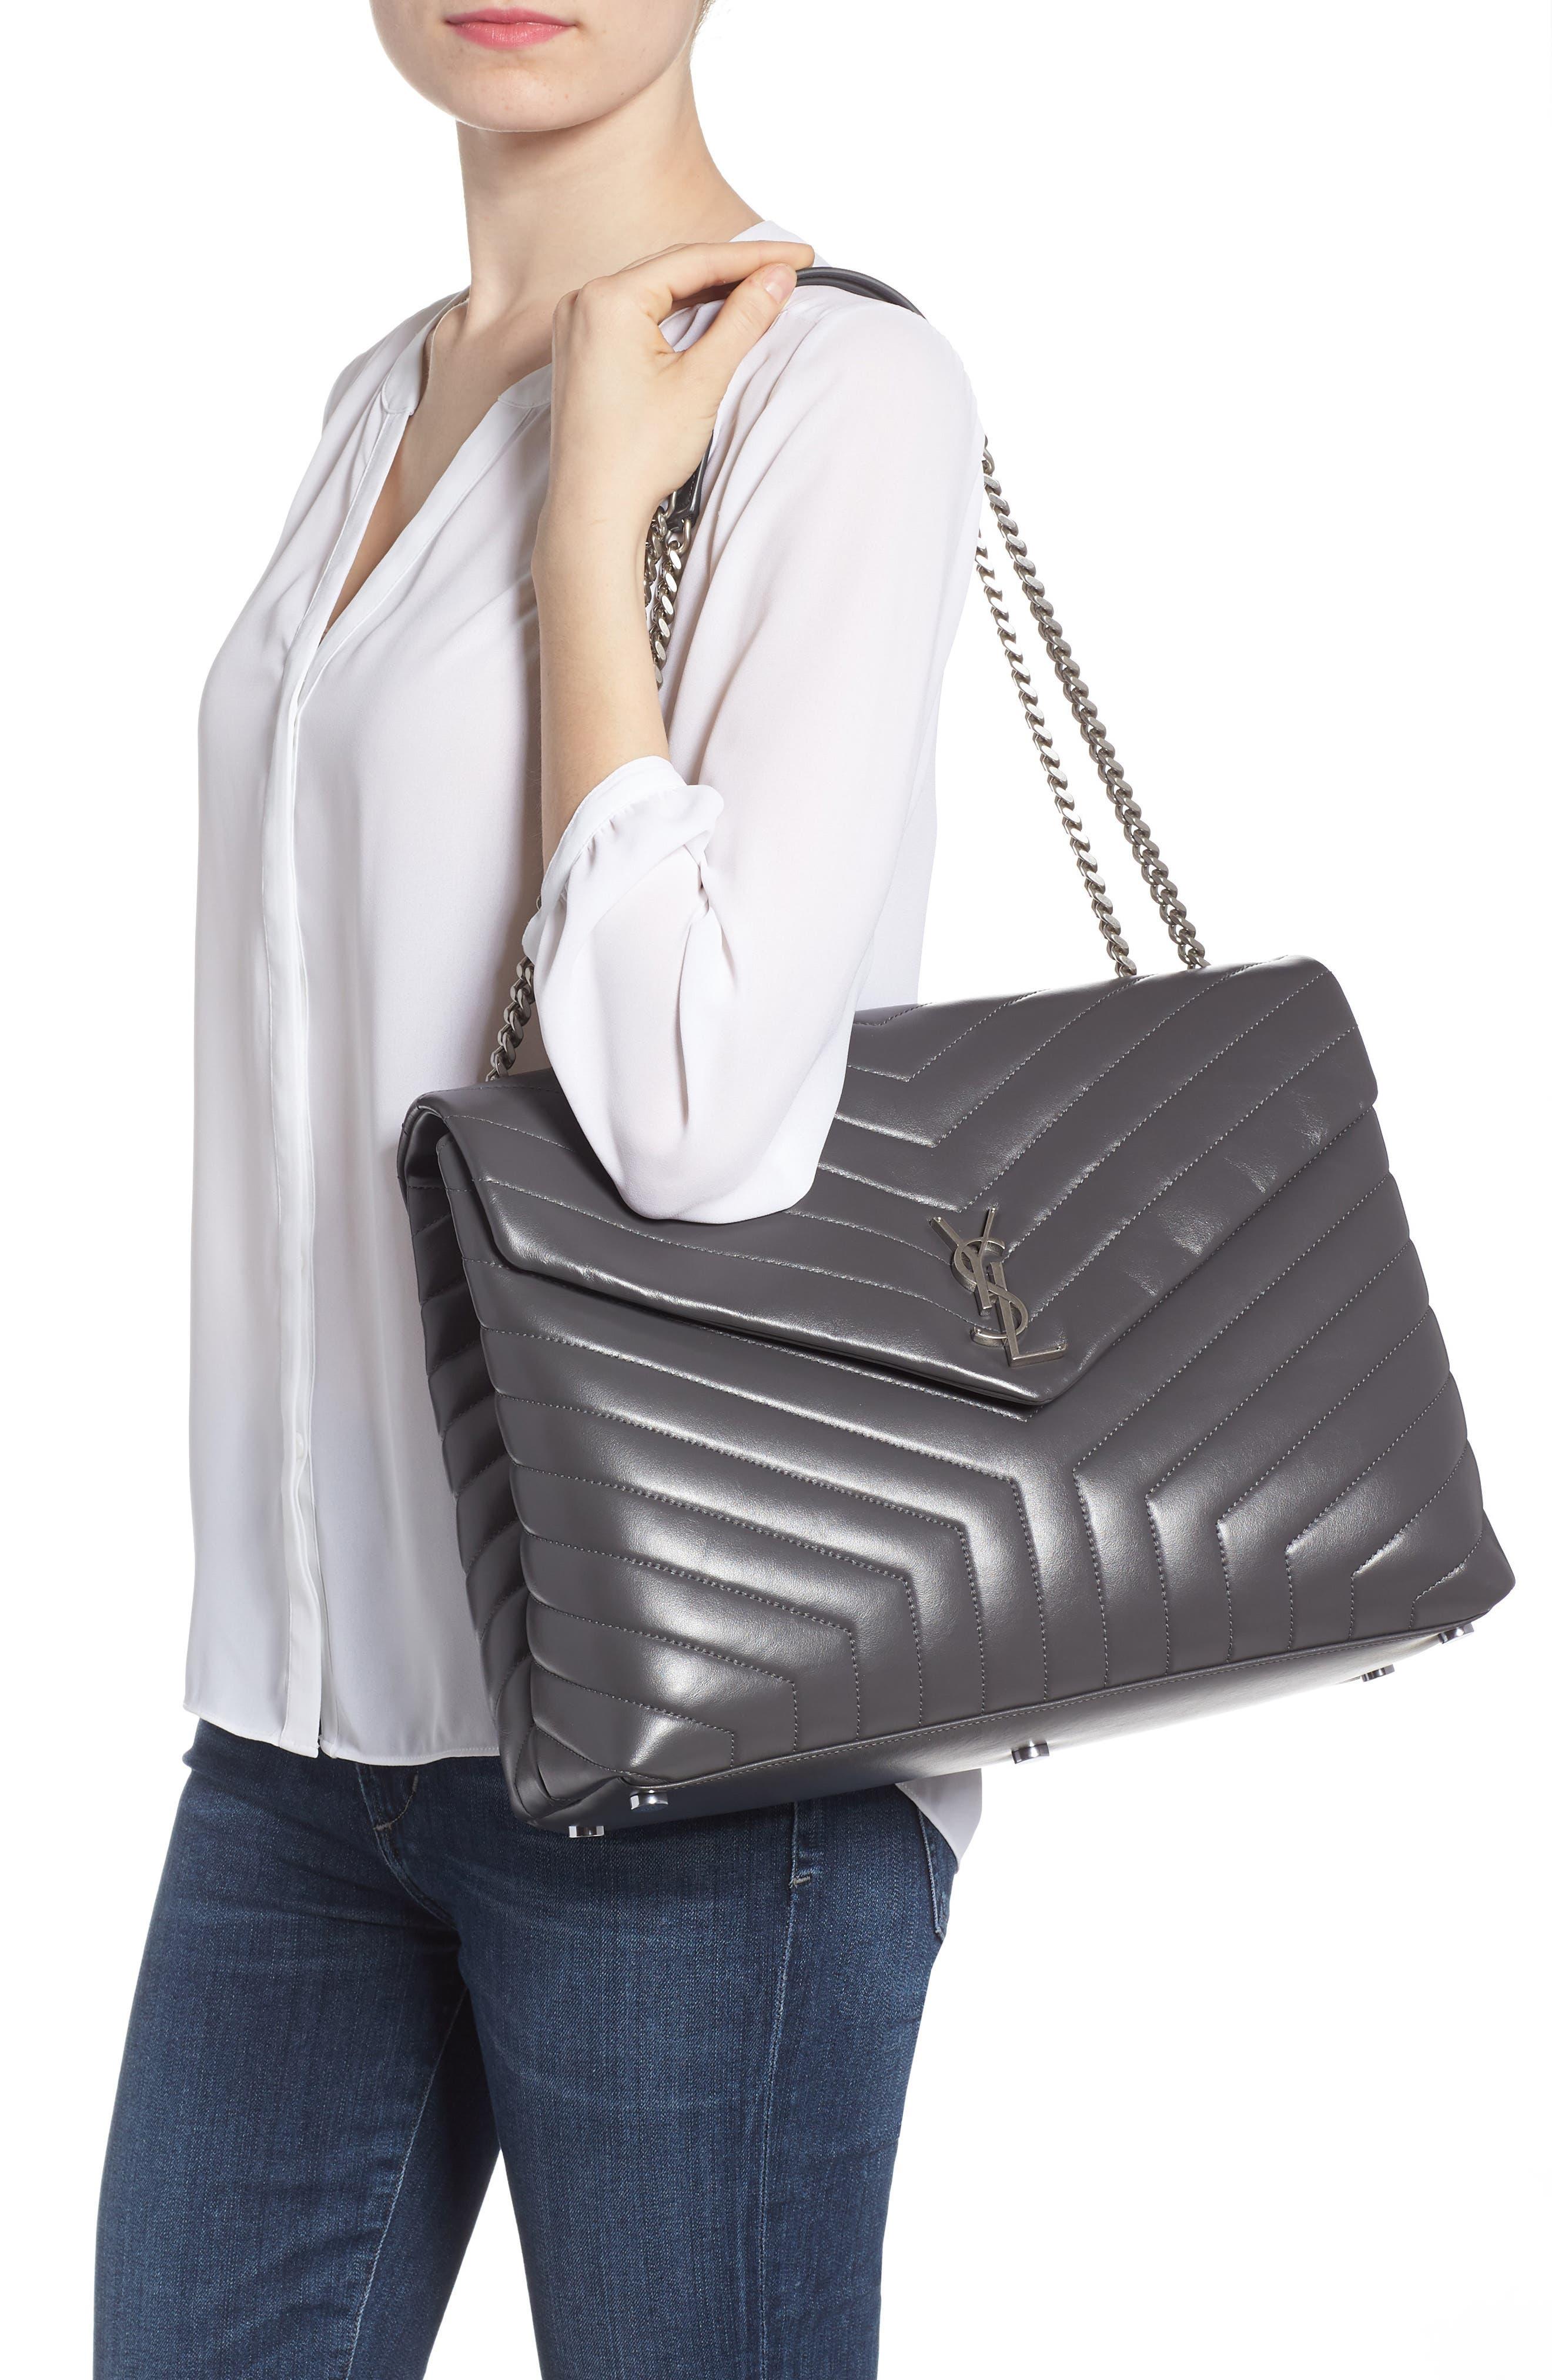 Large Loulou Matelassé Leather Shoulder Bag,                             Alternate thumbnail 2, color,                             STORM/ STORM